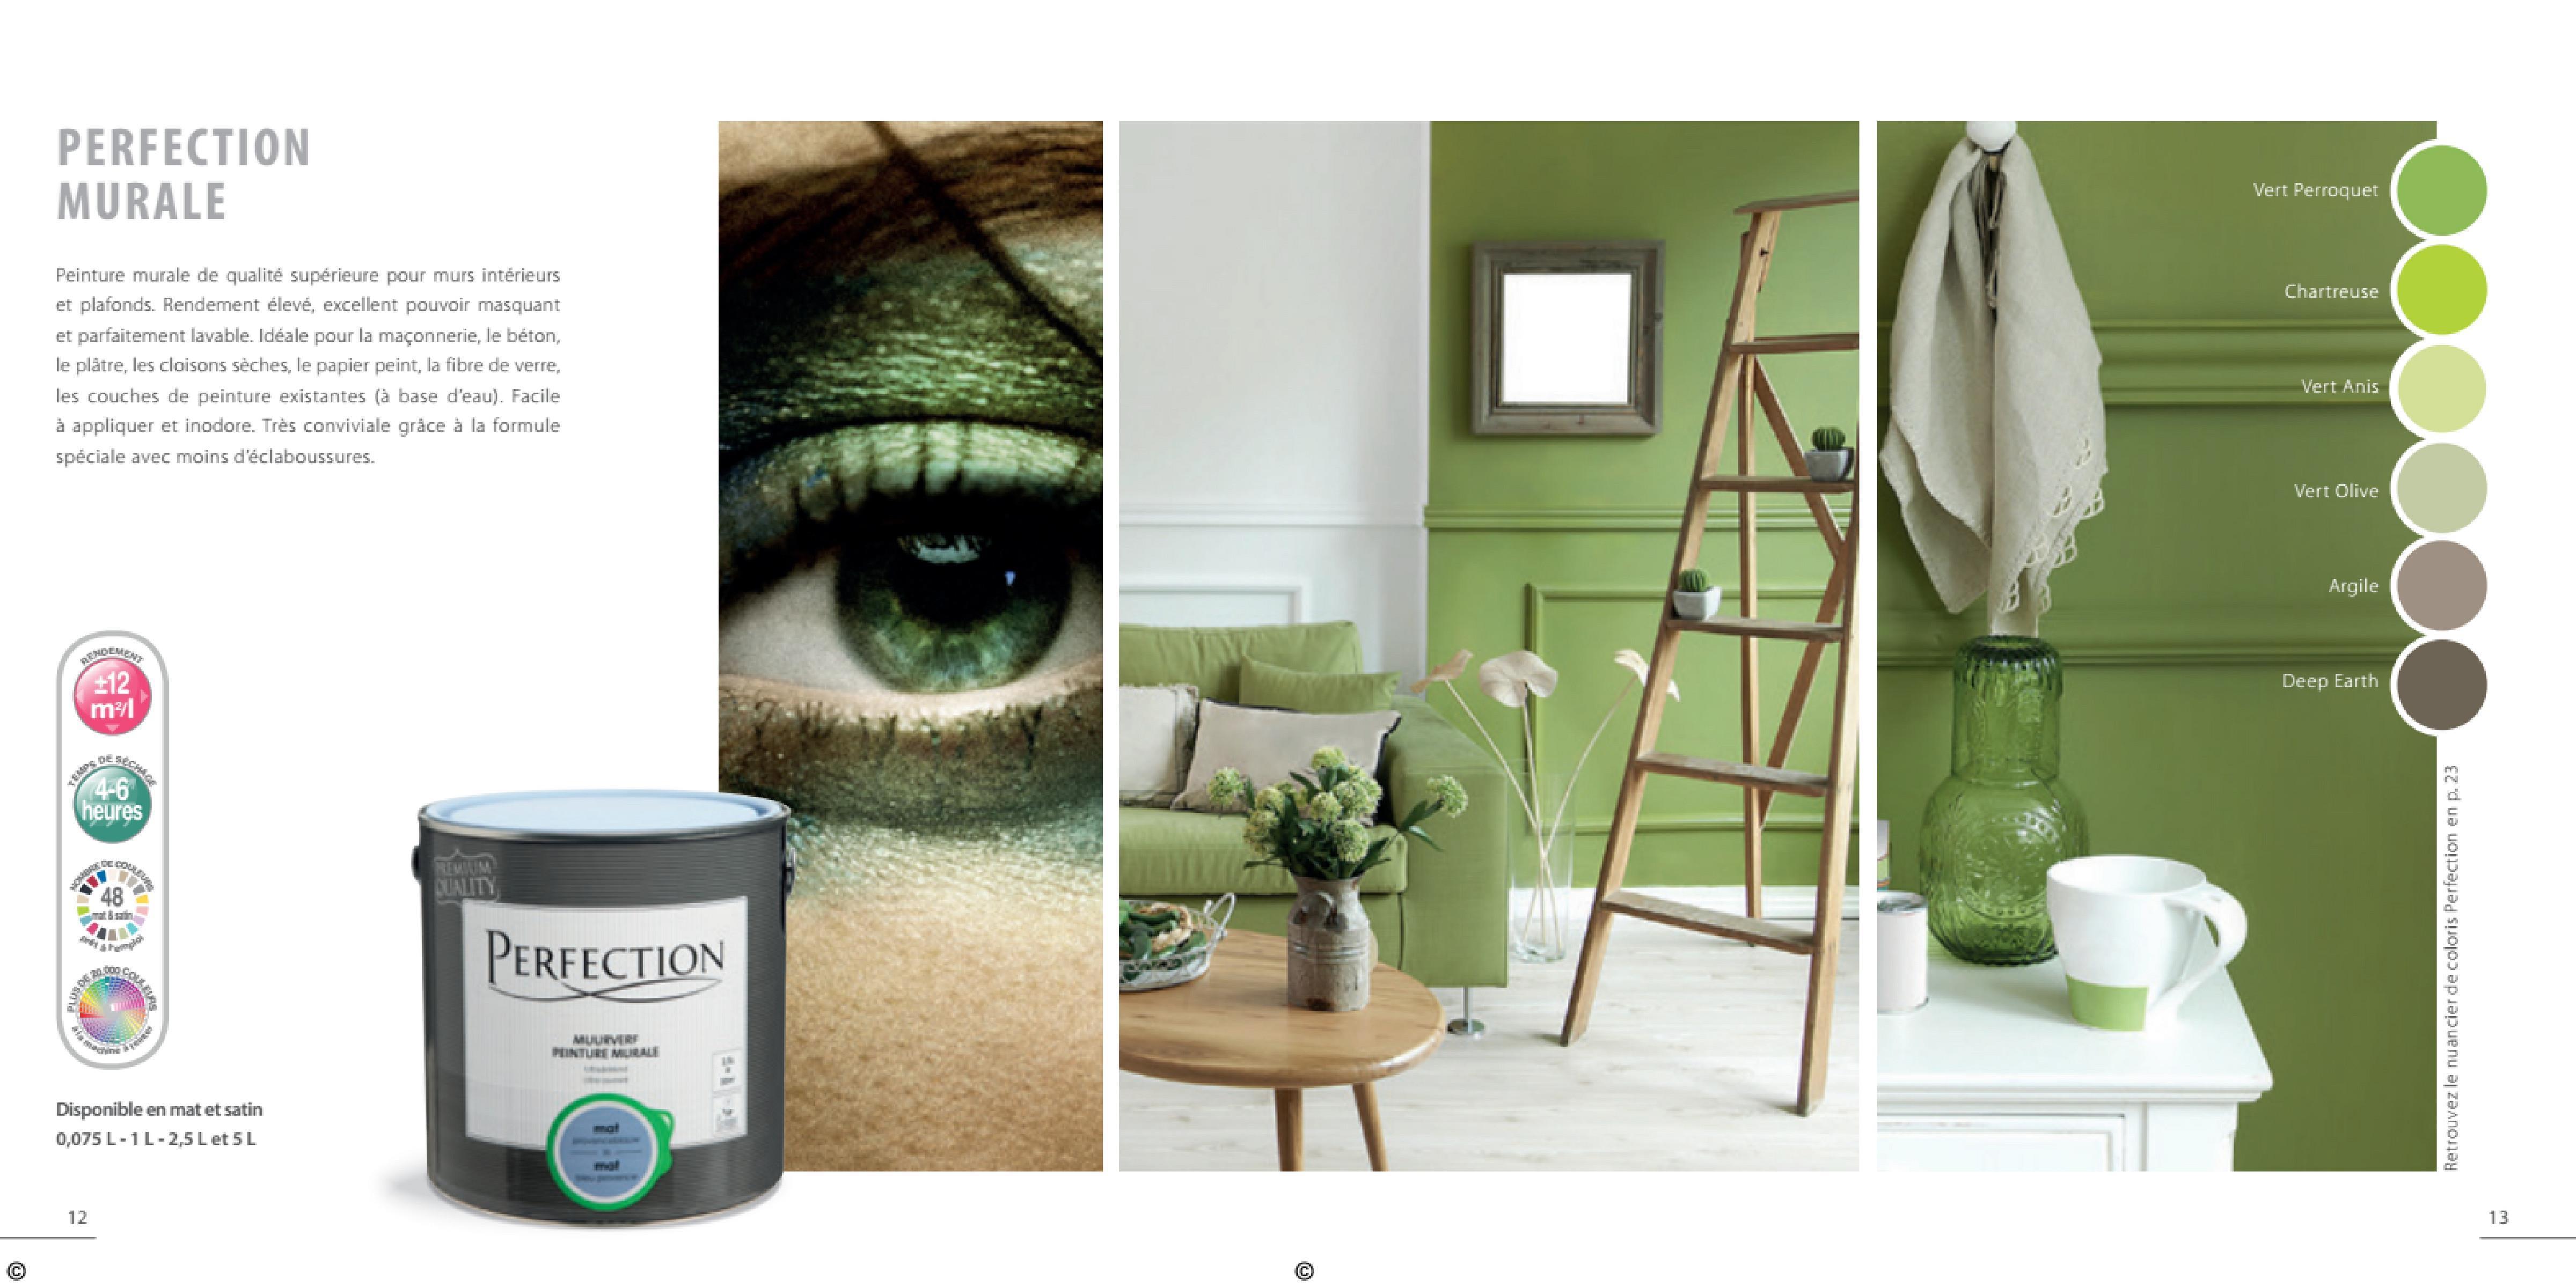 PERFECTION MURALE Vert Perroquet Chartreuse Peinture murale de qualité supérieure pour murs intérieurs et plafonds. Rendement élevé, excellent pouvoir masquant et parfaitement lavable. Idéale pour la maçonnerie, le béton, le plätre, les cloisons sèches, le papier peint, la fibre de verre, les couches de peinture existantes (à base d'eau). Facile à appliquer et inodore. Très conviviale grâce à la formule spéciale avec moins d'éclaboussures. Vert Anis Vert Olive Vert Olive Argile EME £12 Deep Earth ml DES 4-6 heures 48 ma PERFECTION Retrouvez le nuancier de coloris Perfection en p. 23 MULTET TUE MB Disponible en mat et satin 0,075 L-1 L-2,5 L et 5 L